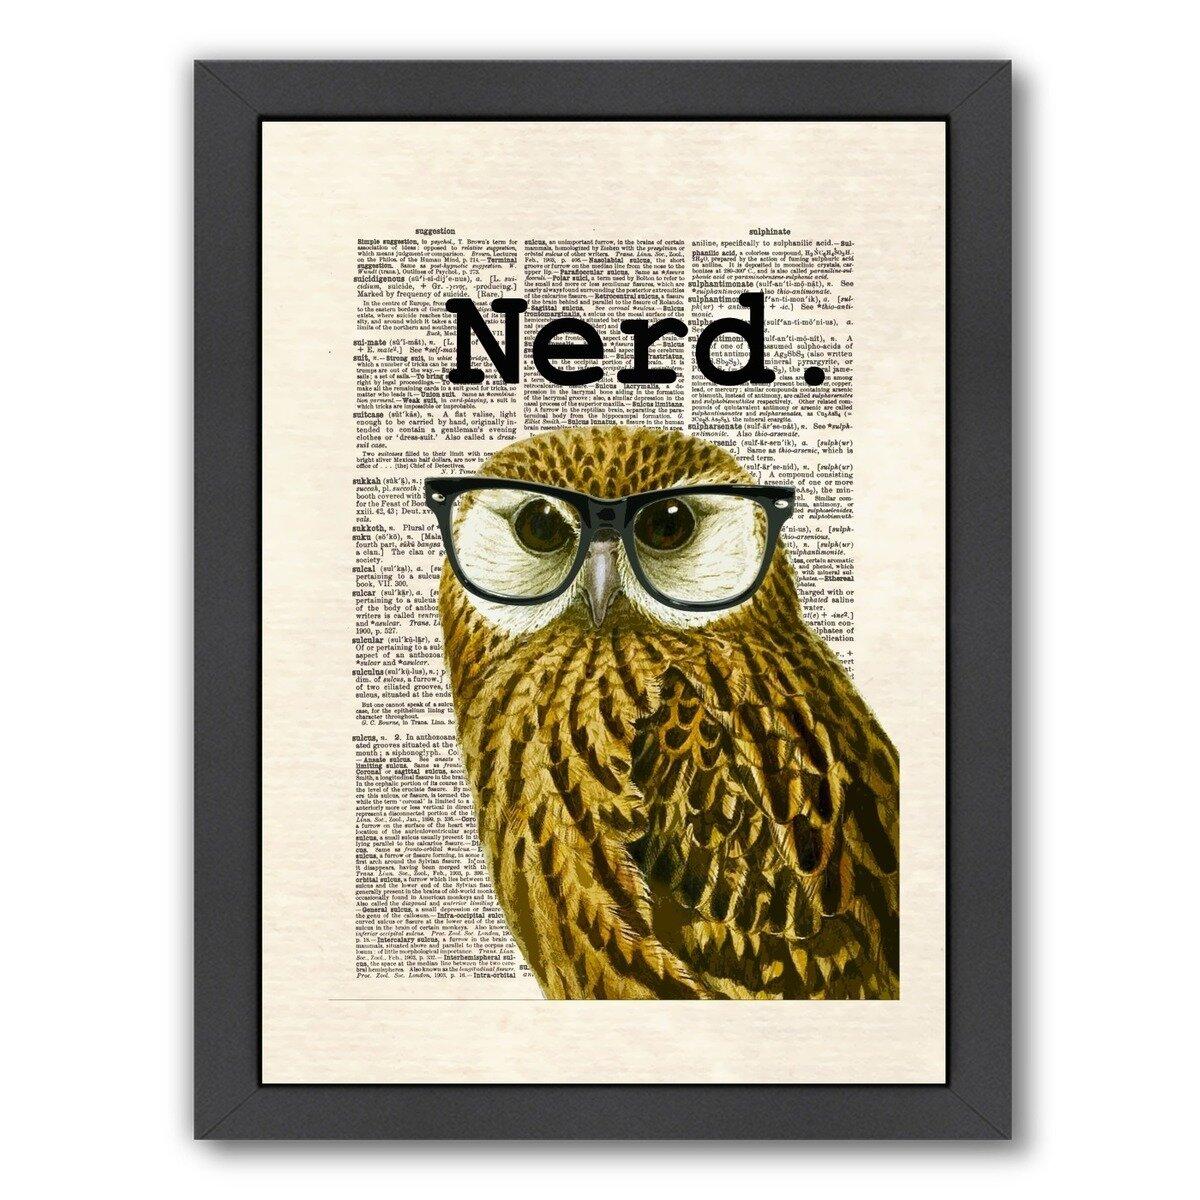 East Urban Home Owl Nerd By Matt Dinniman Framed Graphic Art Reviews